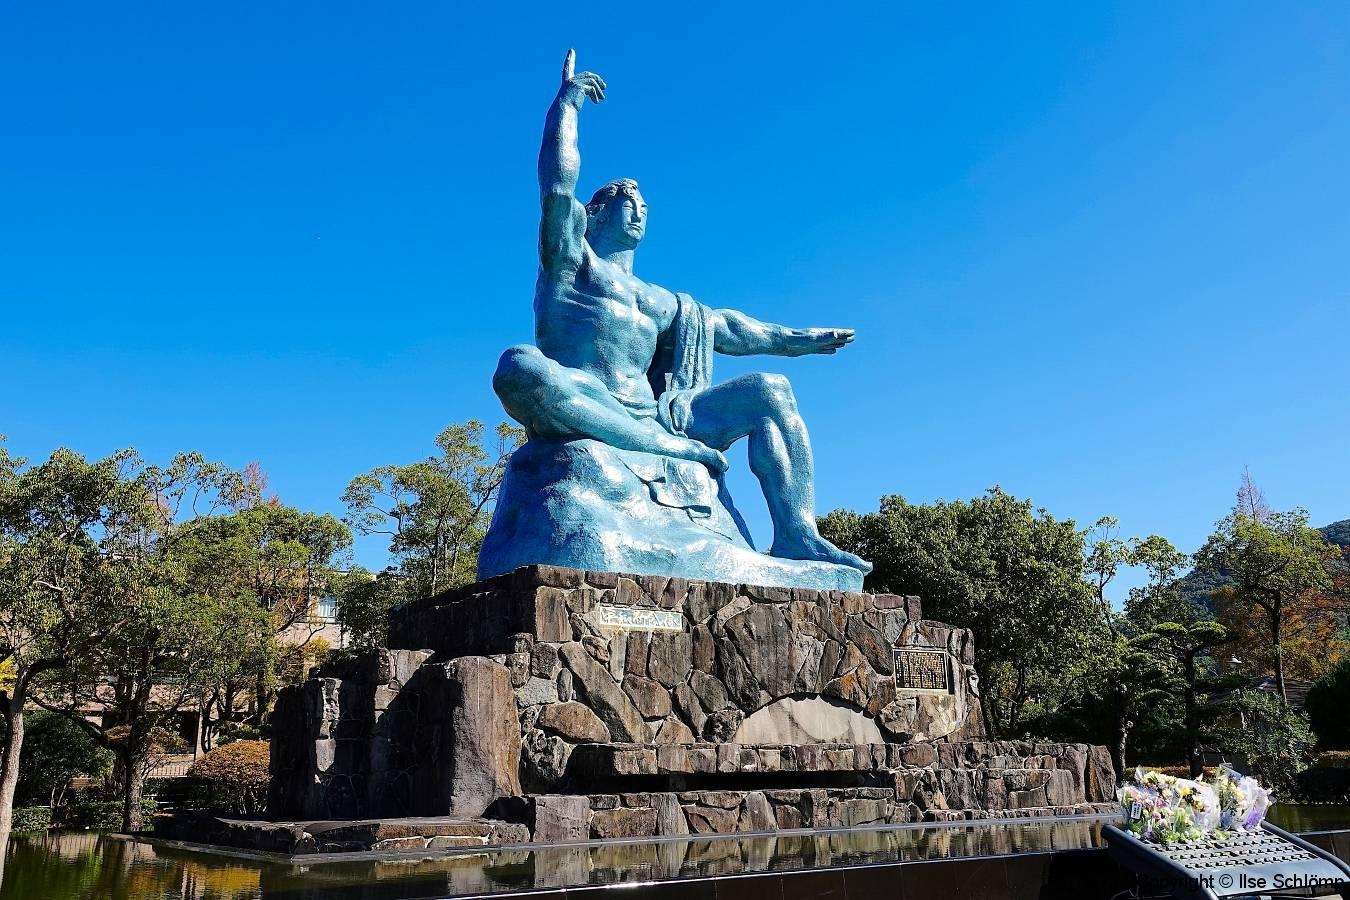 Japan, Nagasaki, Friedenspark, Statue des Friedens